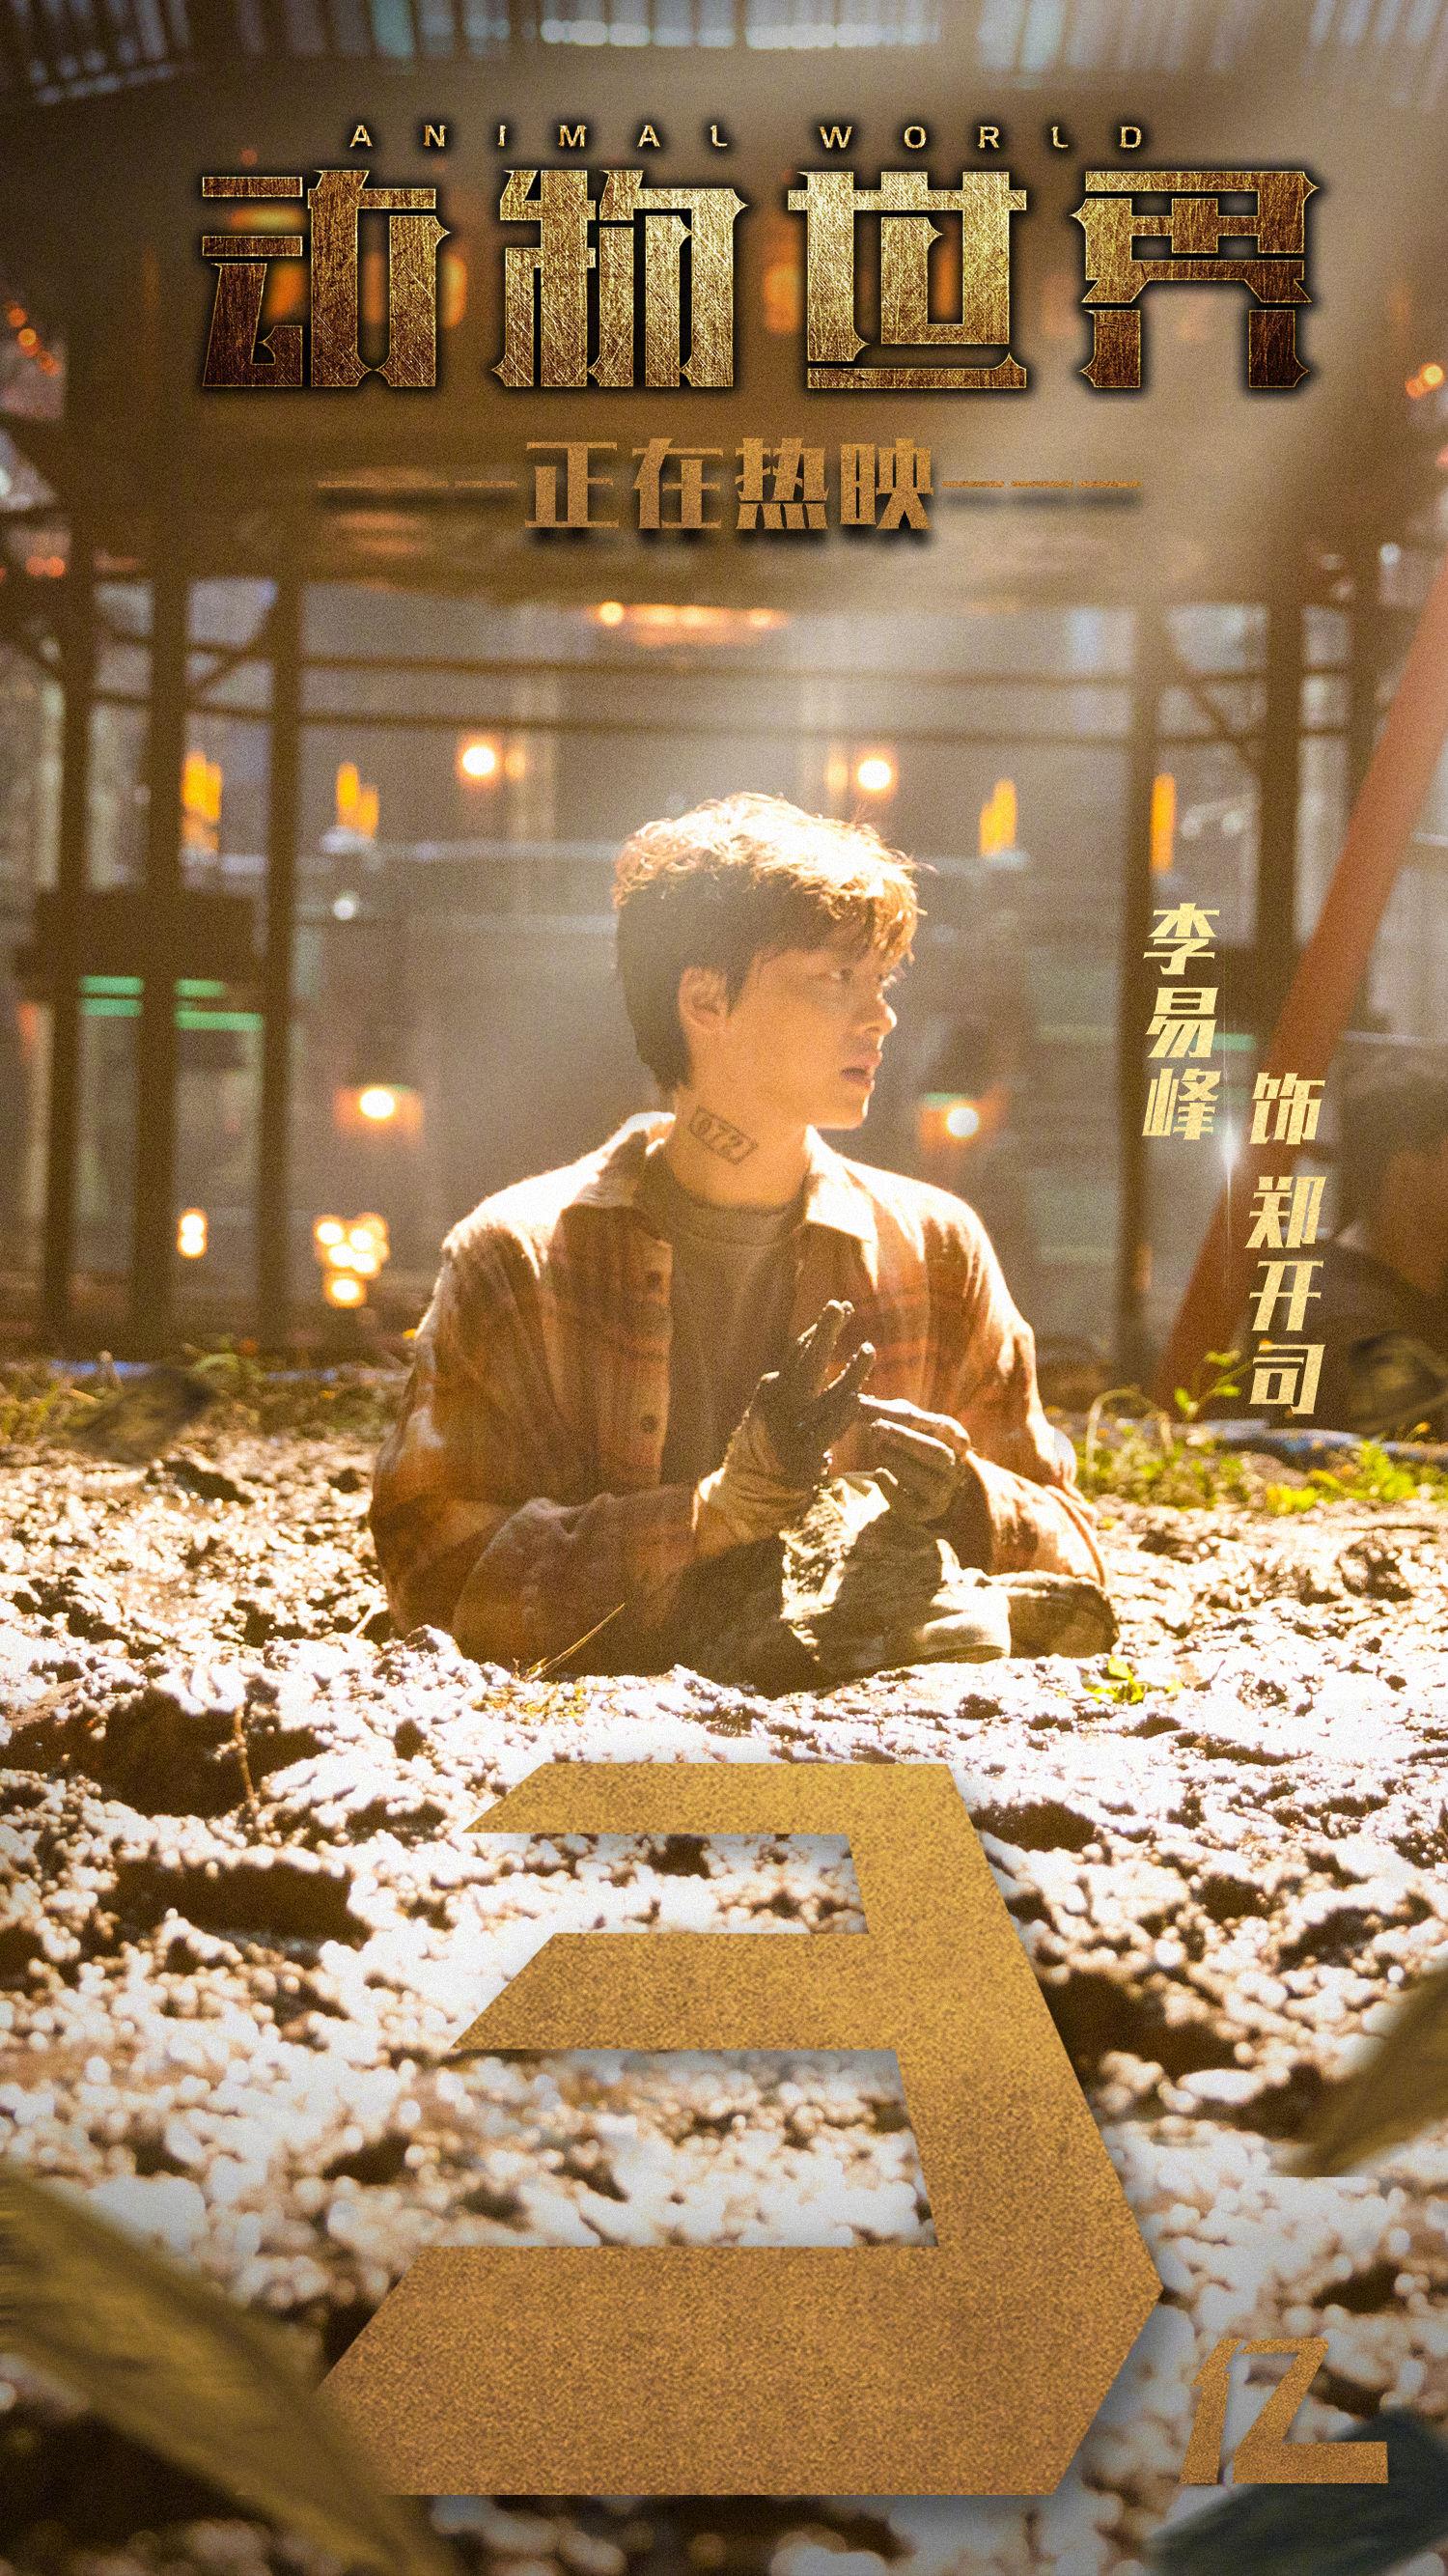 李易峰电影《动物世界》票房破3亿